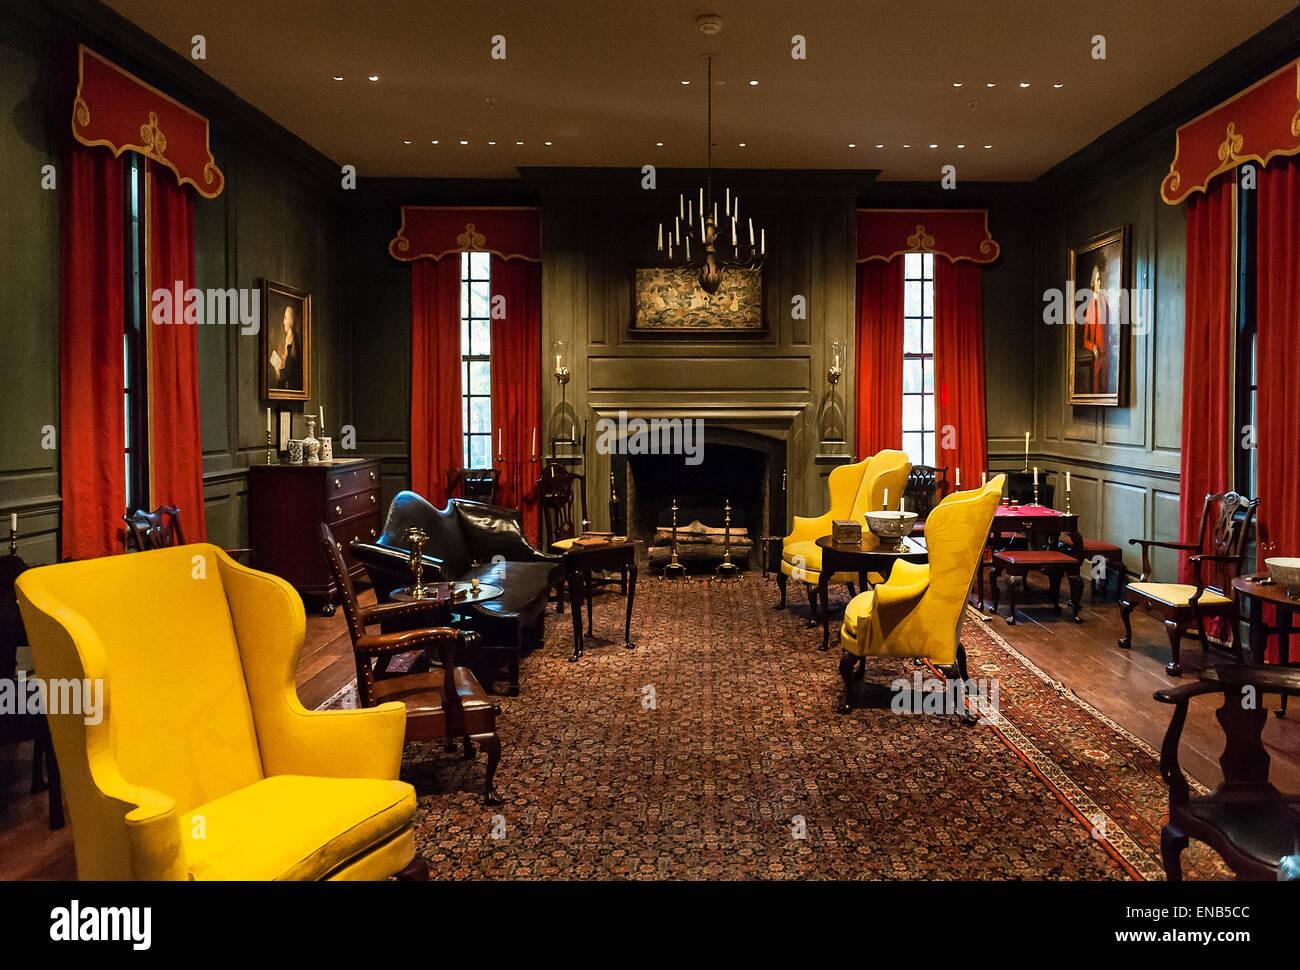 Winterthur museo di arti decorative e giardini, Wilmington, Delaware, STATI UNITI D'AMERICA Immagini Stock